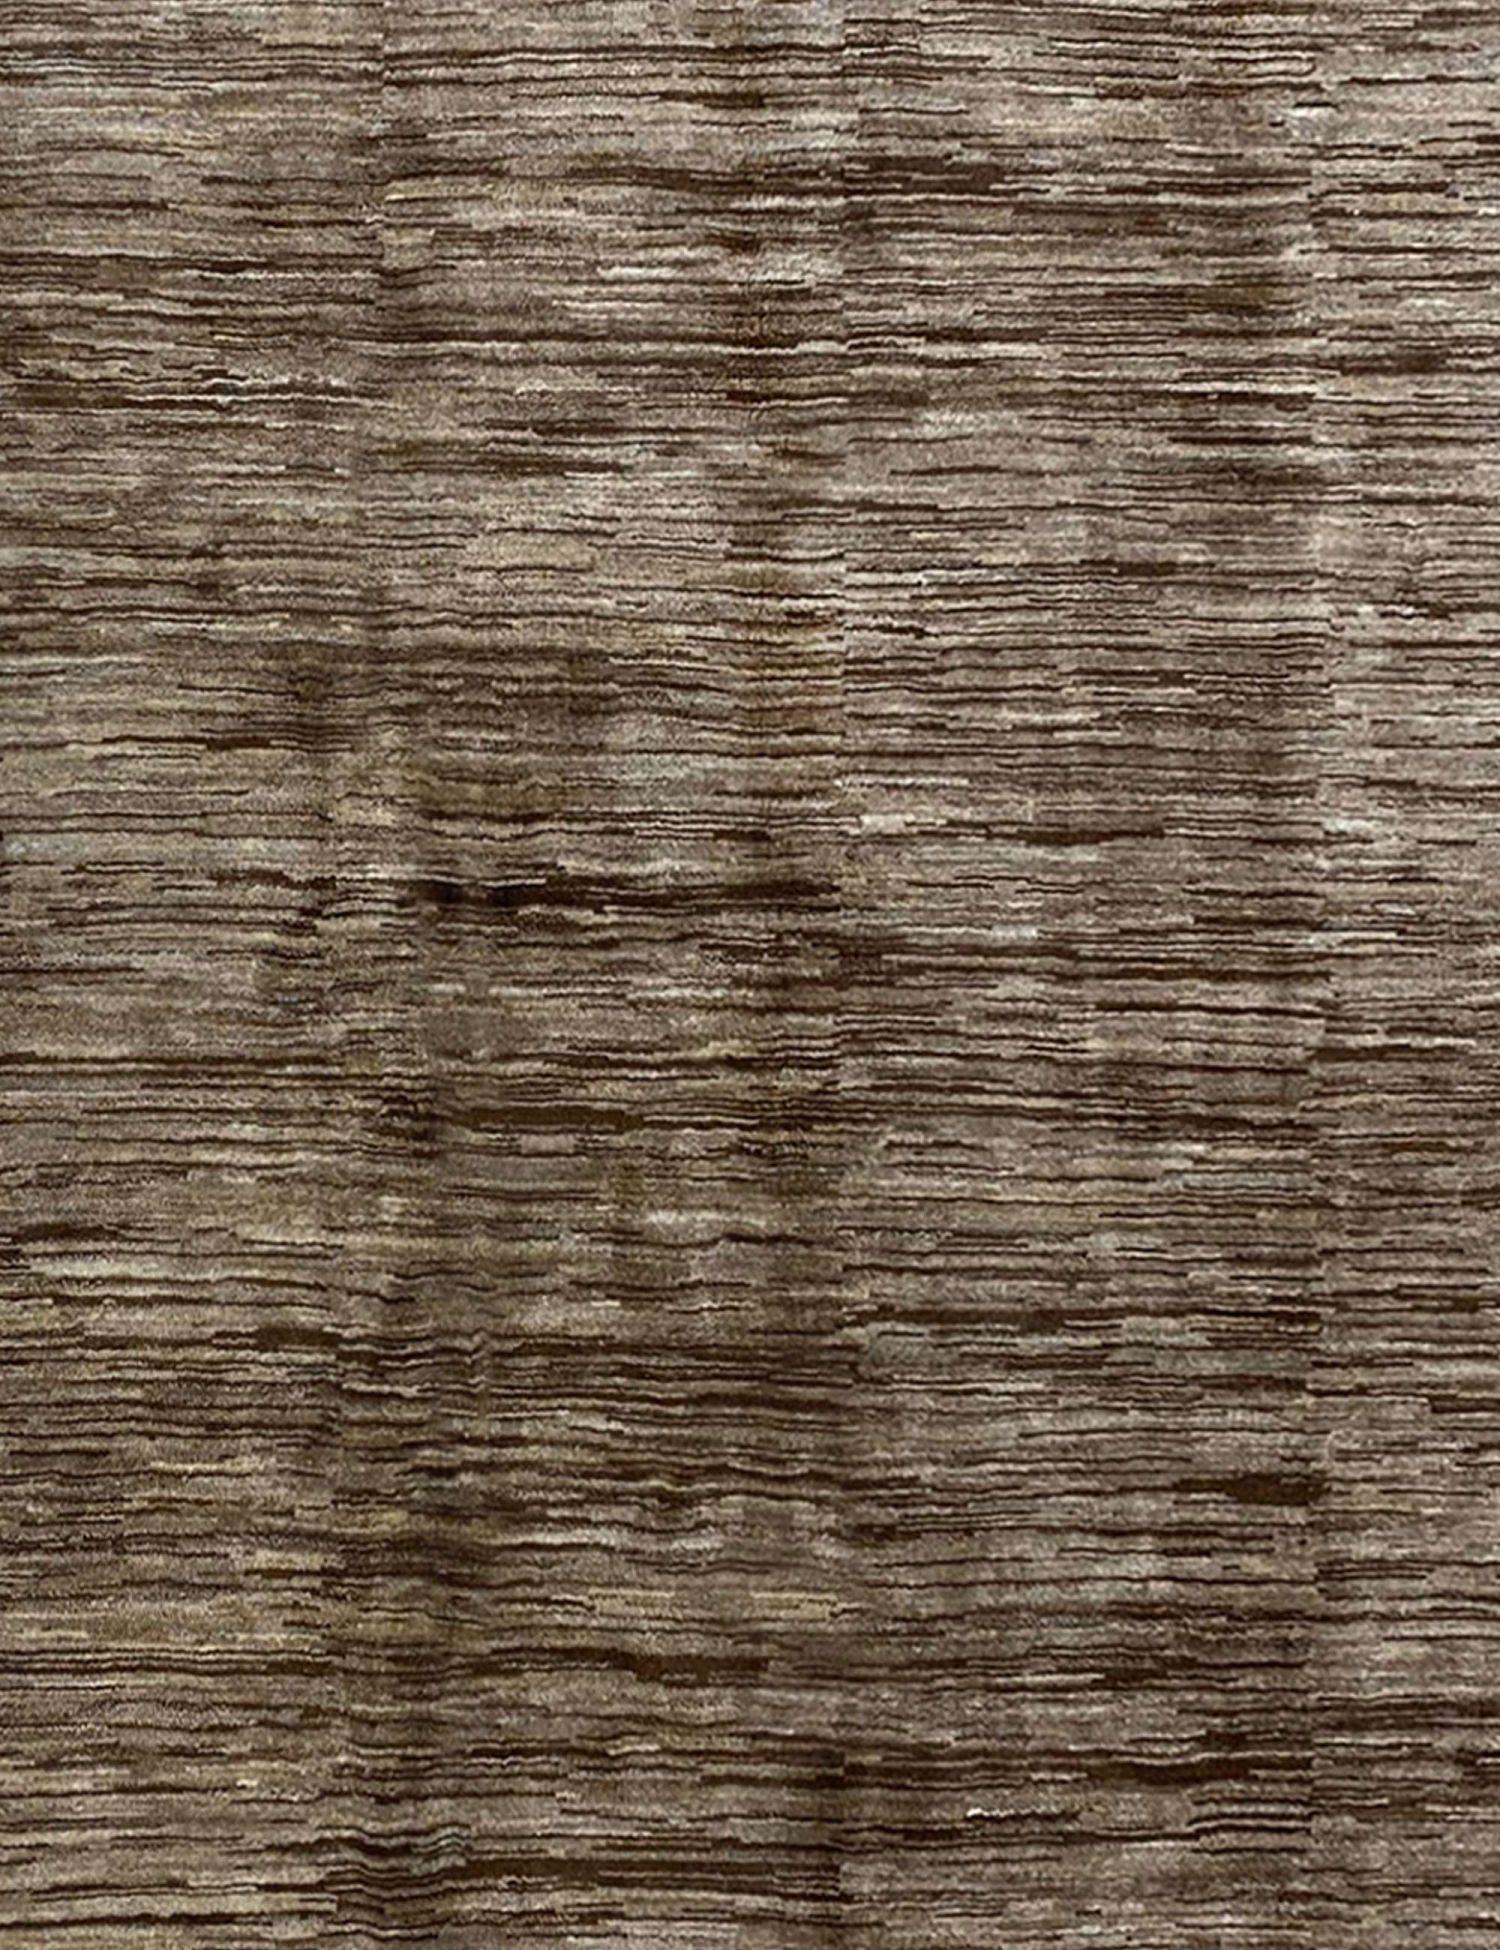 Moderne Teppiche   <br/>287 x 213 cm